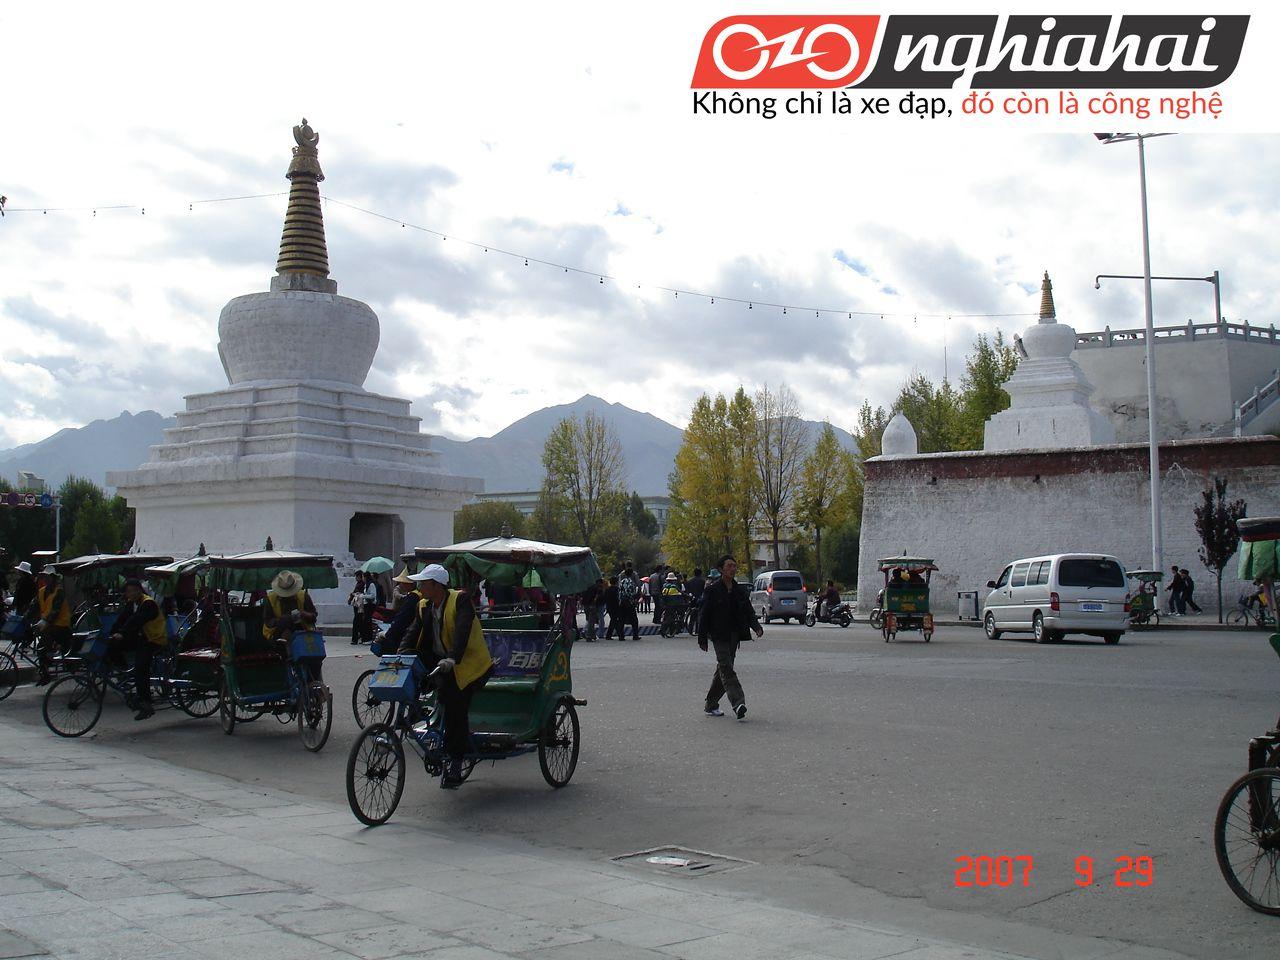 Tại sao người đi xe đạp muốn đi đến Tây Tạng 3